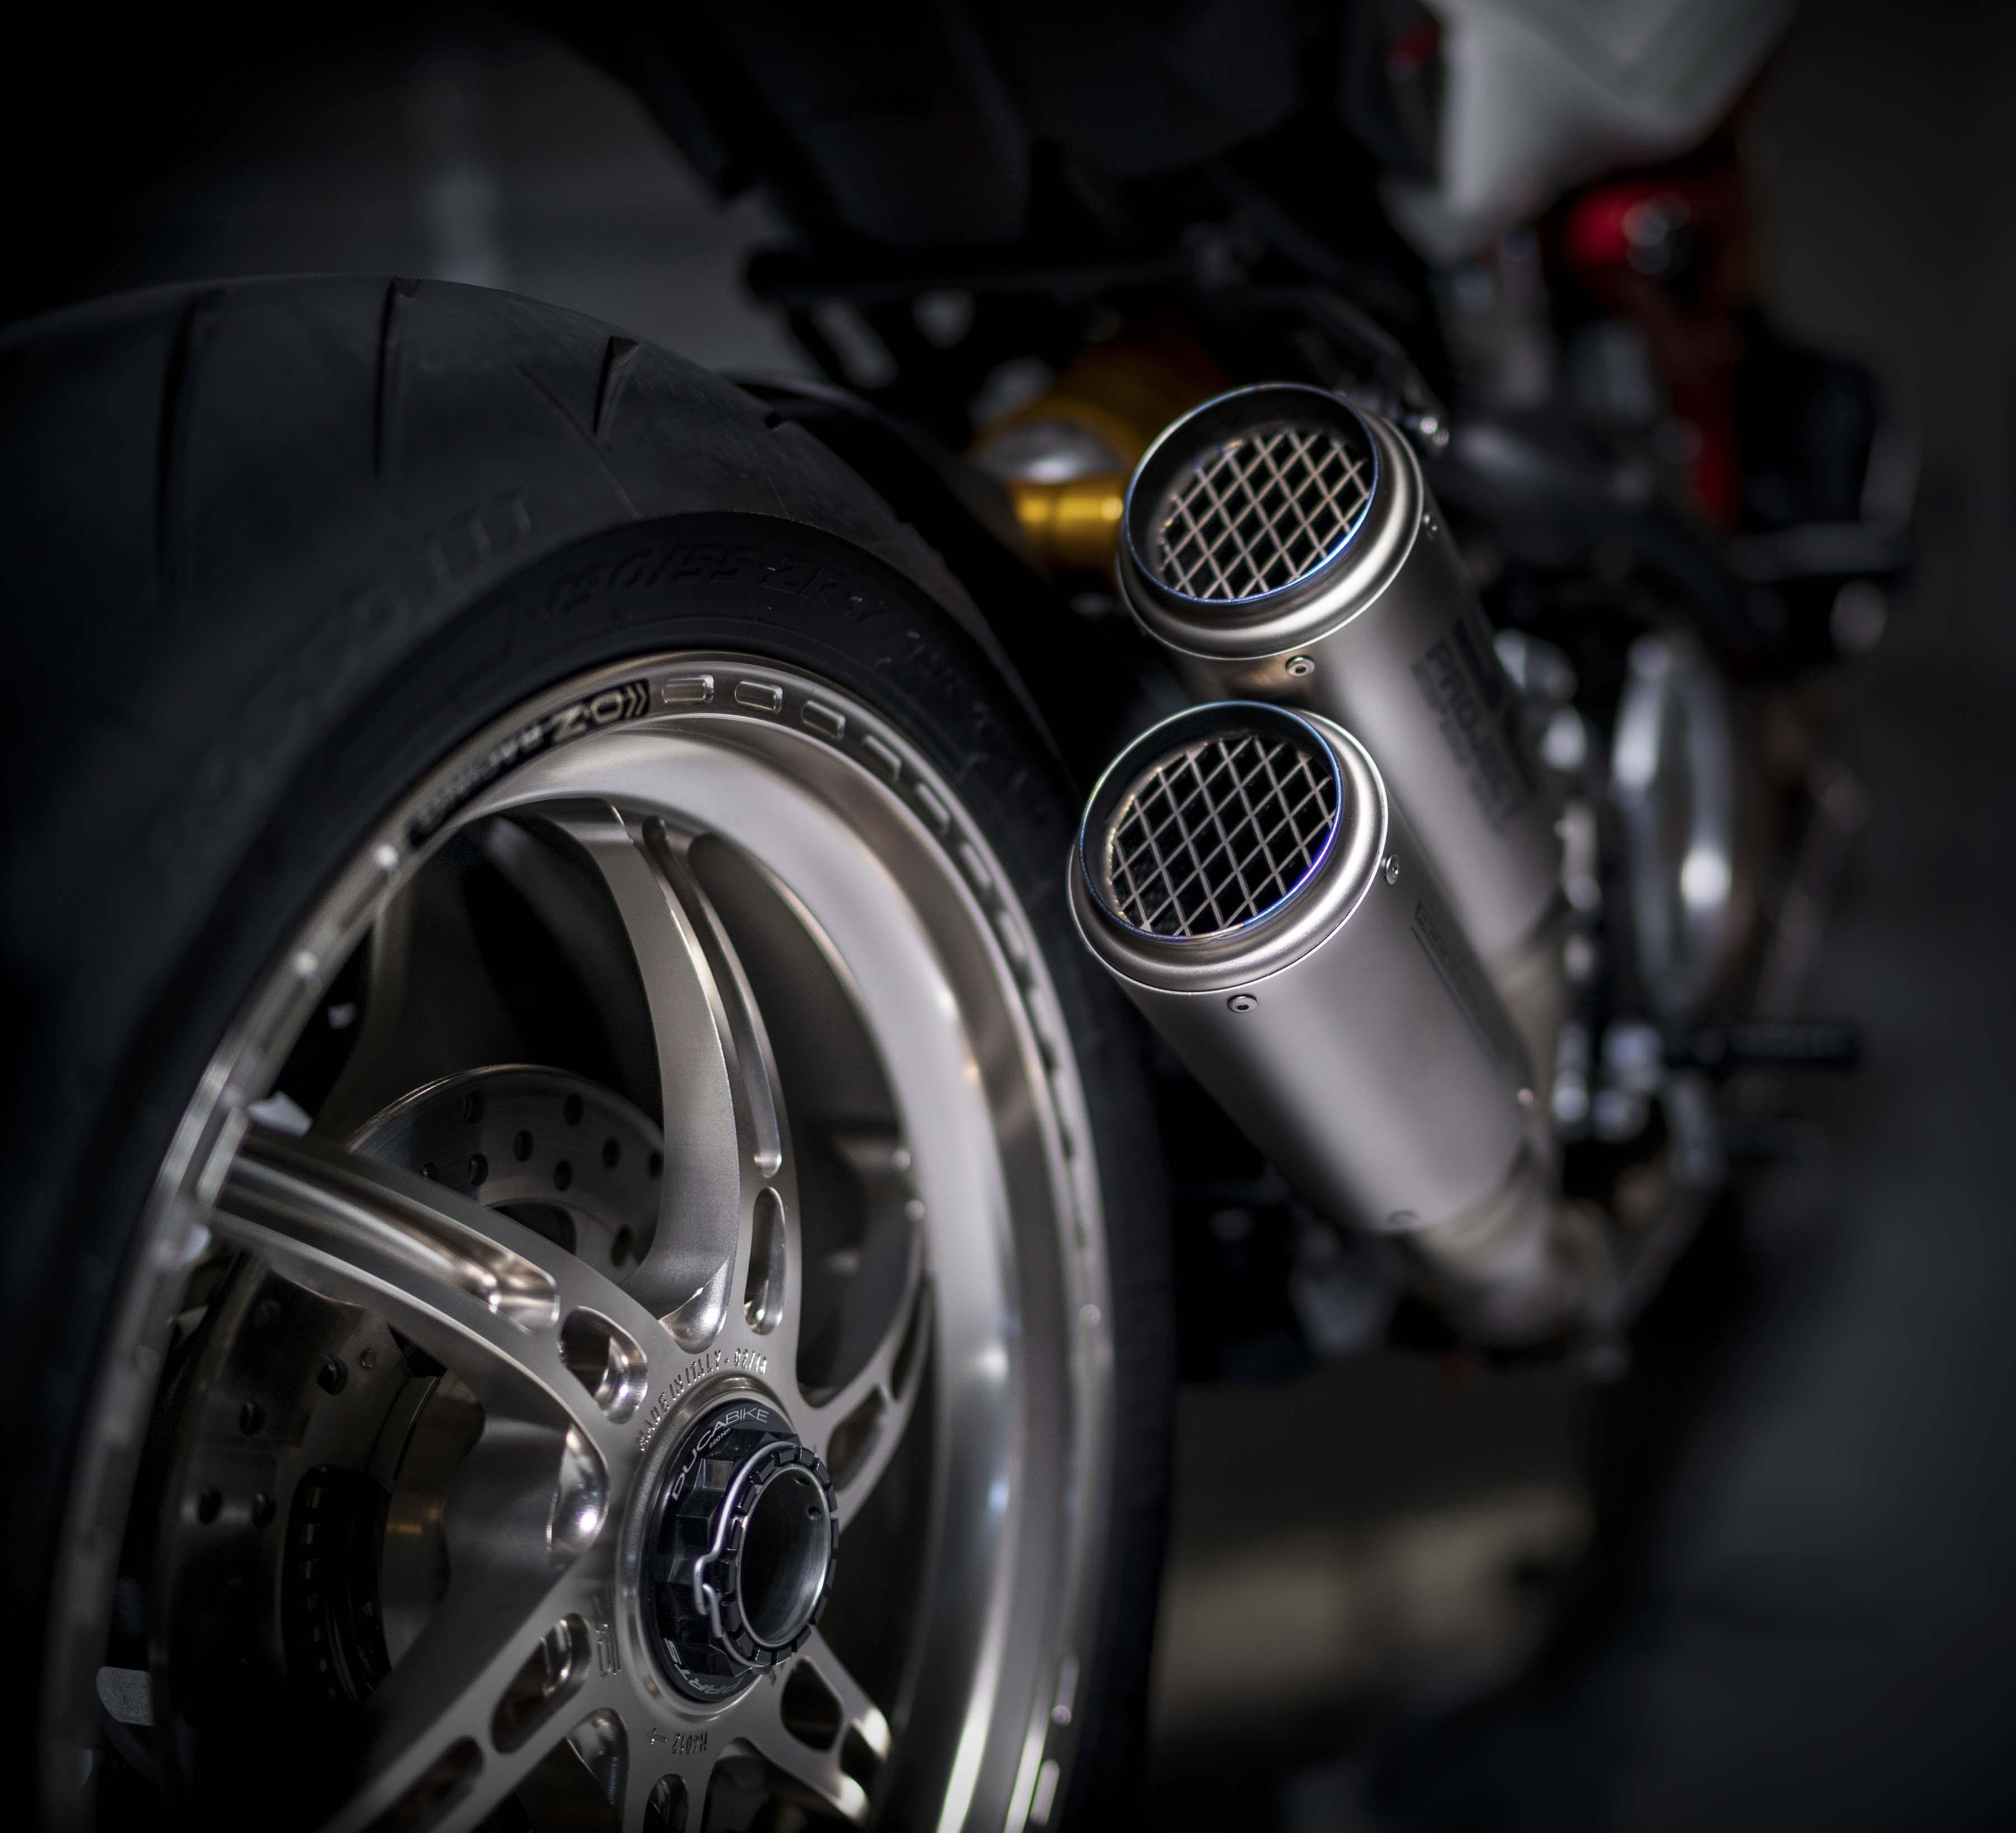 Ducati-Monster-1200-Tricolore-Motovation-01